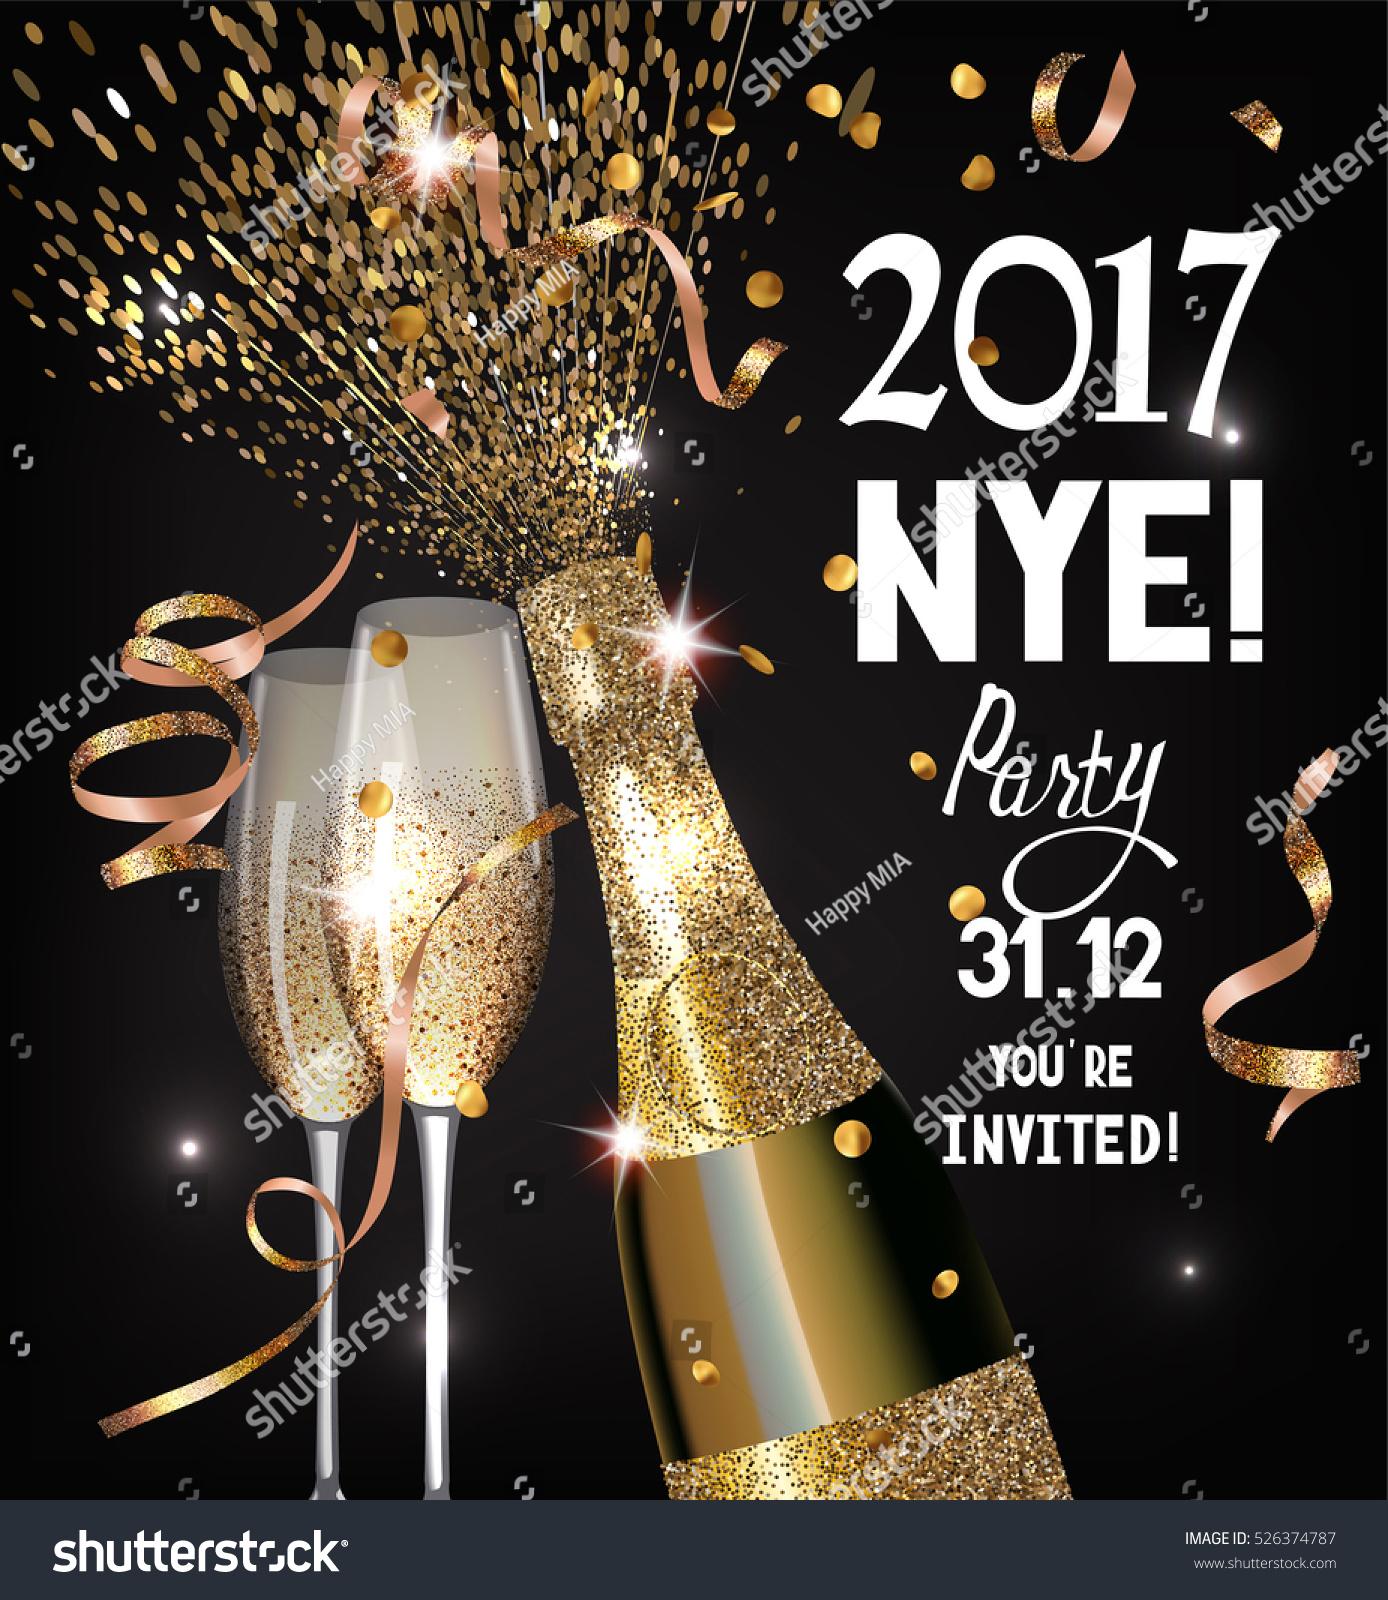 New Year Eve Party Invitation Shiny Stock Vector 526374787 ...